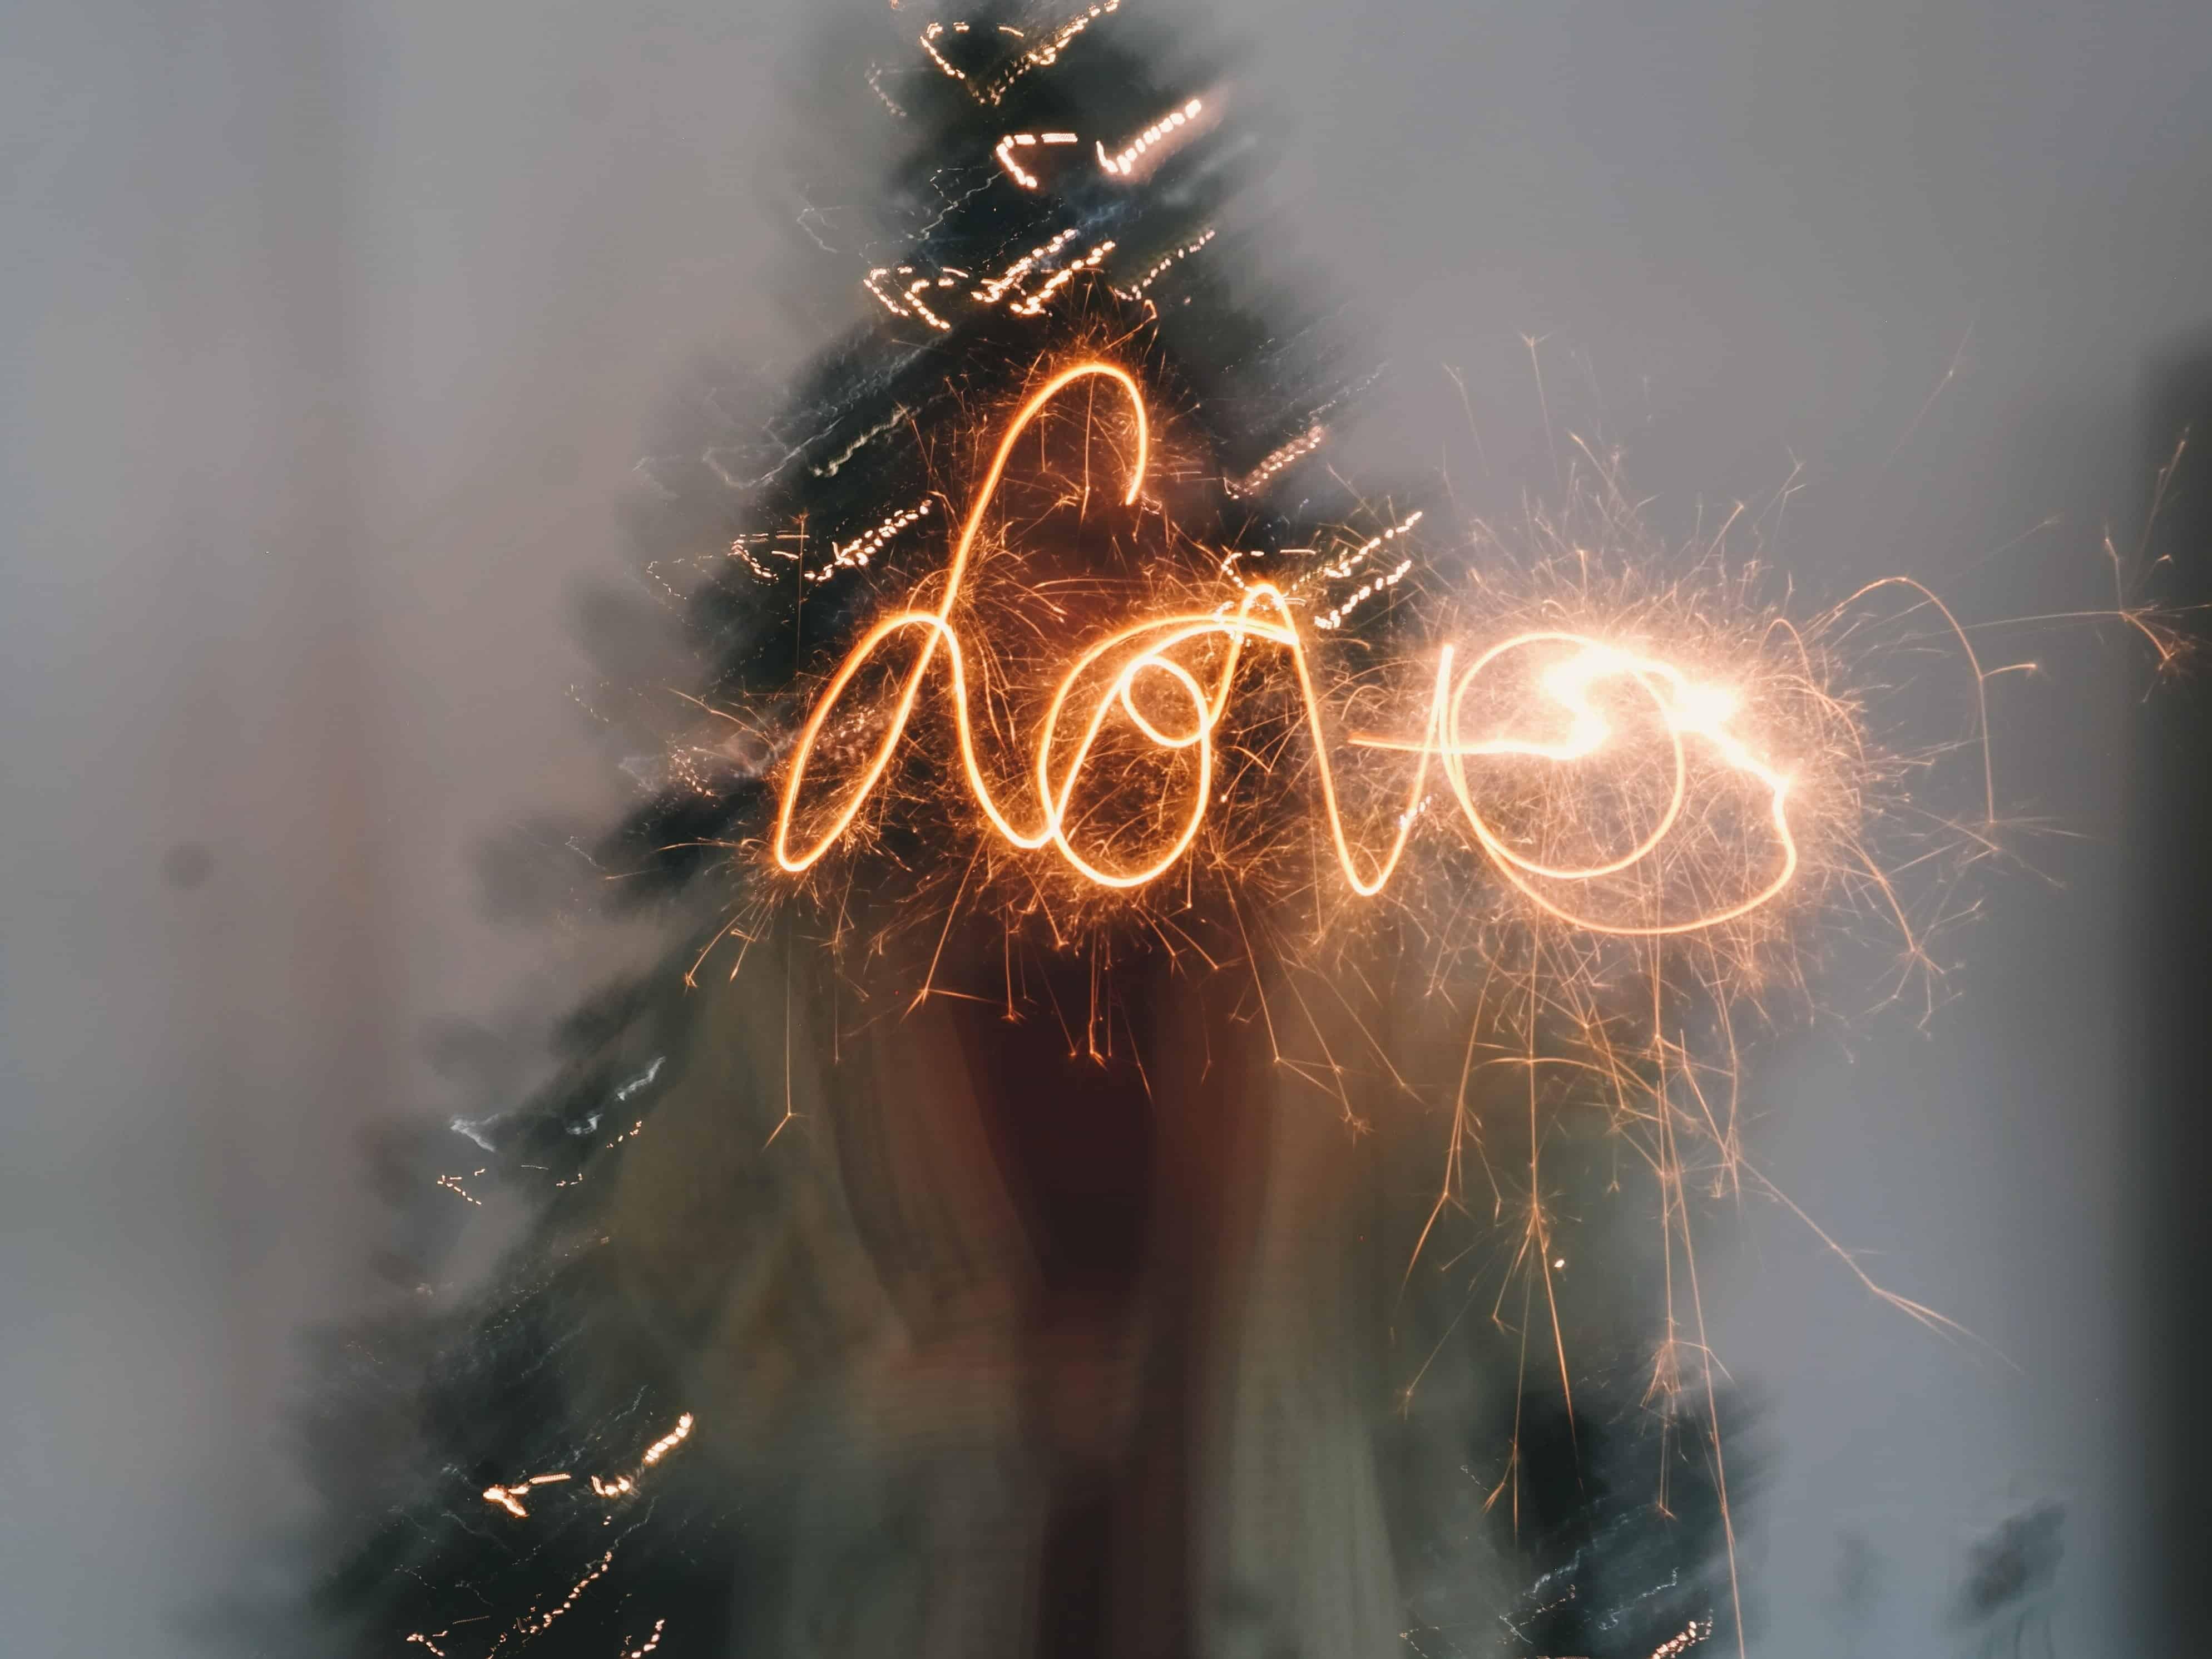 L'amour se vit et se construit